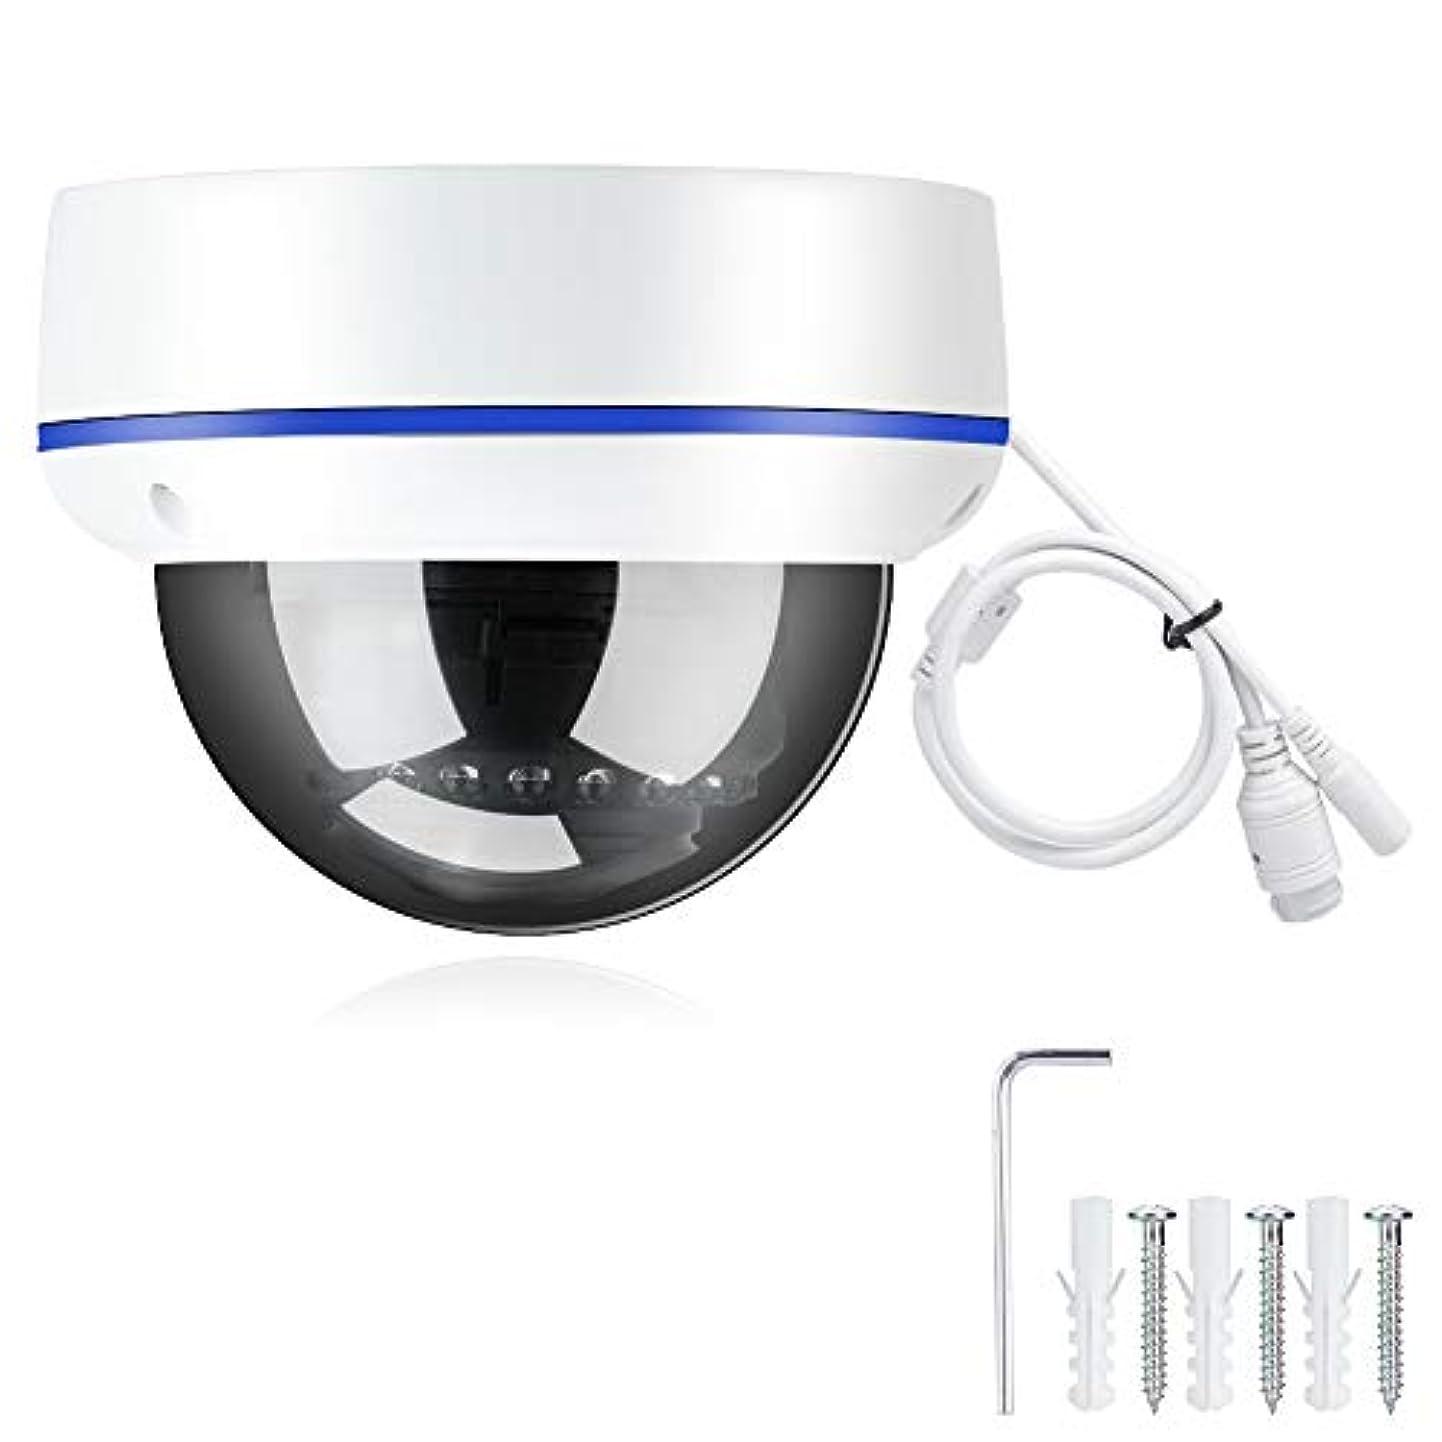 衝動血色の良い出発するドームワイヤレスカメラ、防水HD POE IPカメラドーム監視ビデオが車のホームセキュリティ用のO-NVIFをサポート(1 MP IP)